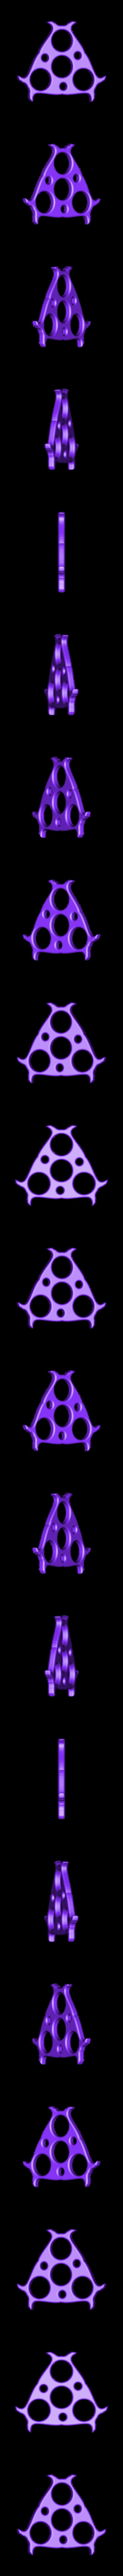 Spinner_2_triangle.stl Télécharger fichier STL gratuit Spinner Collection • Plan à imprimer en 3D, squiqui